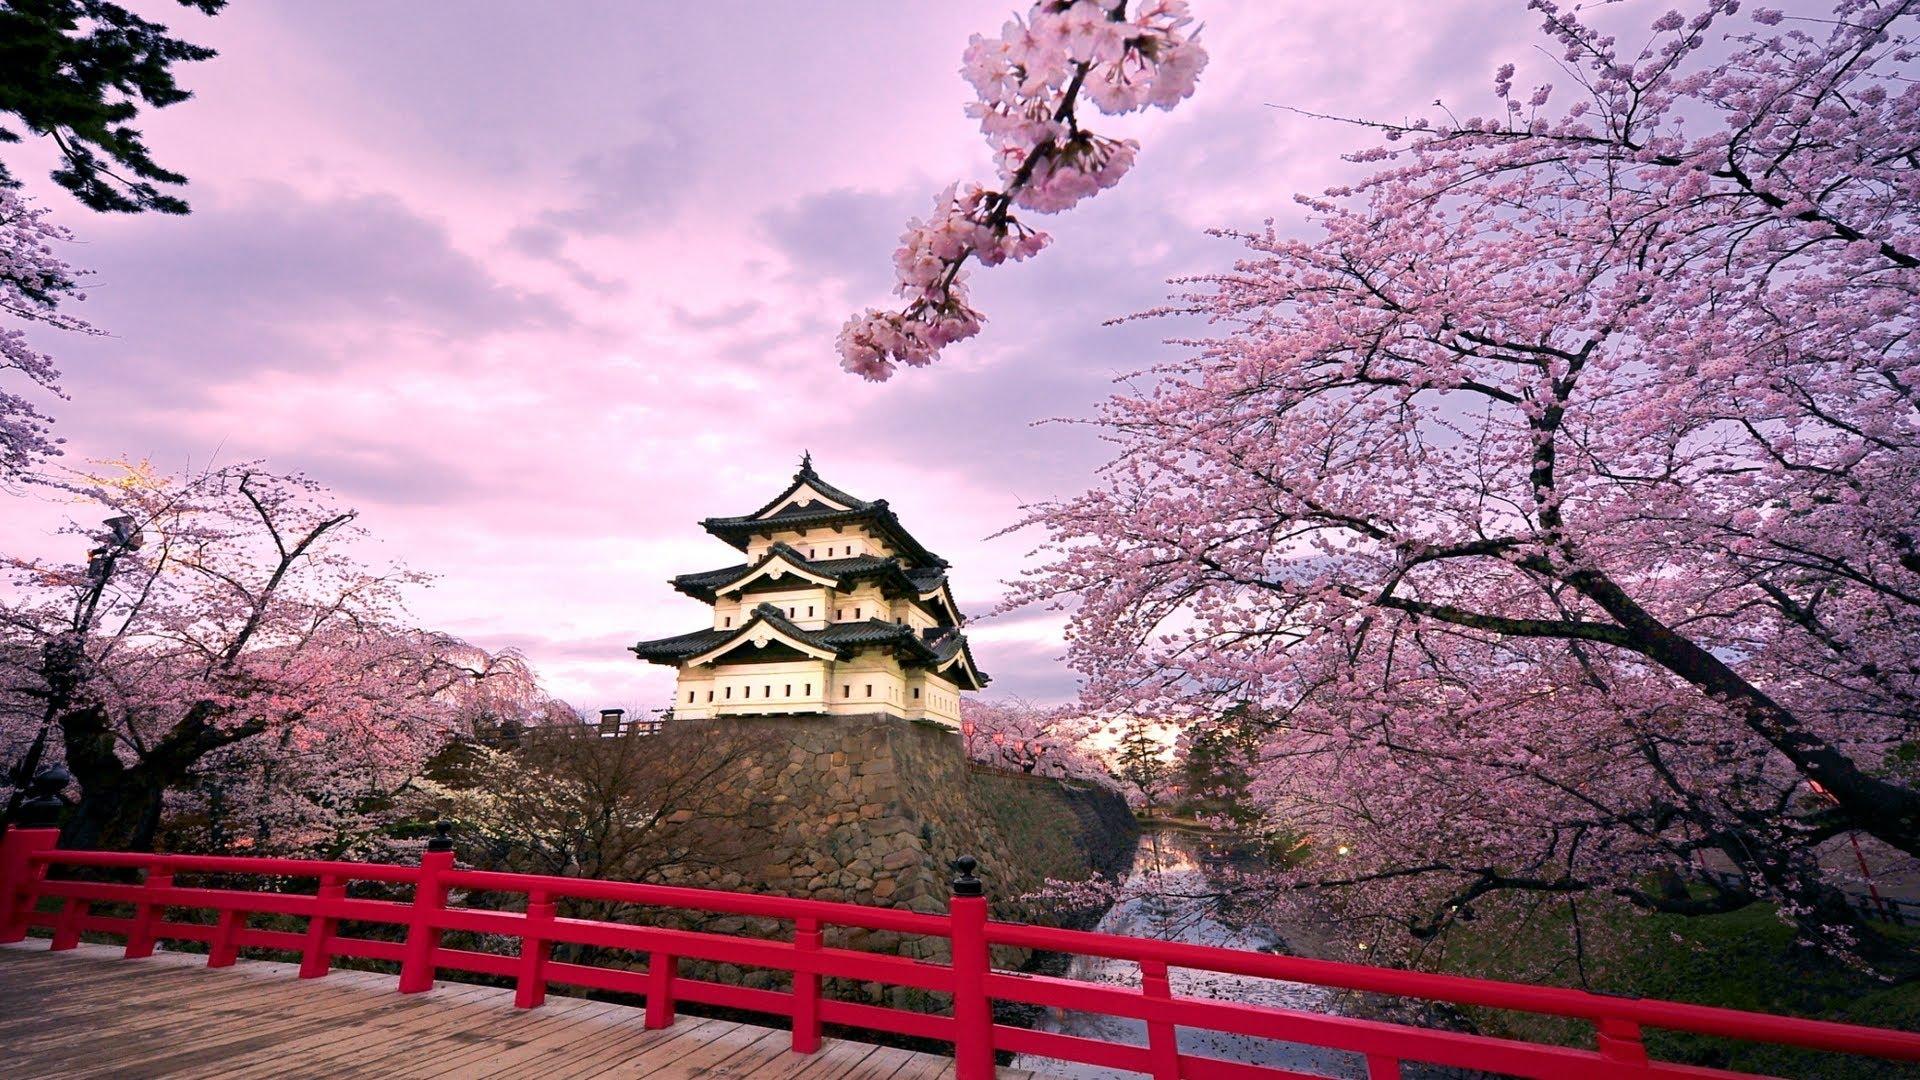 Cảnh đẹp thiên nhiên cây hoa anh đào cùng tòa nhà cổ kính Nhật Bản